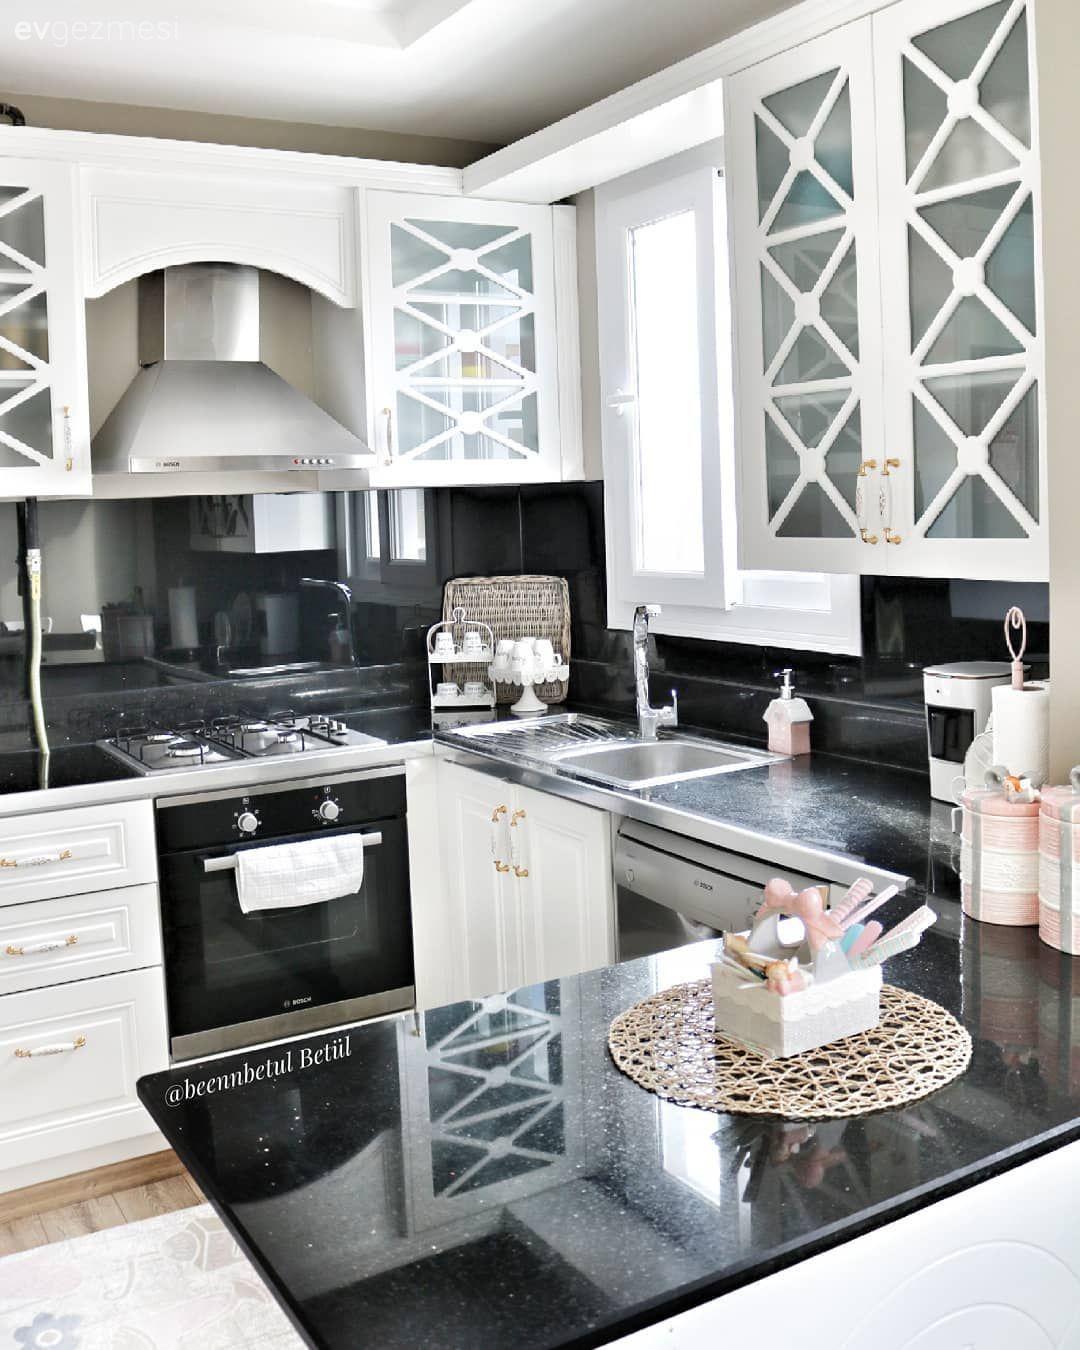 Geleneksel tasarıma sahip bu mutfakta siyah-beyaz kontrastı var